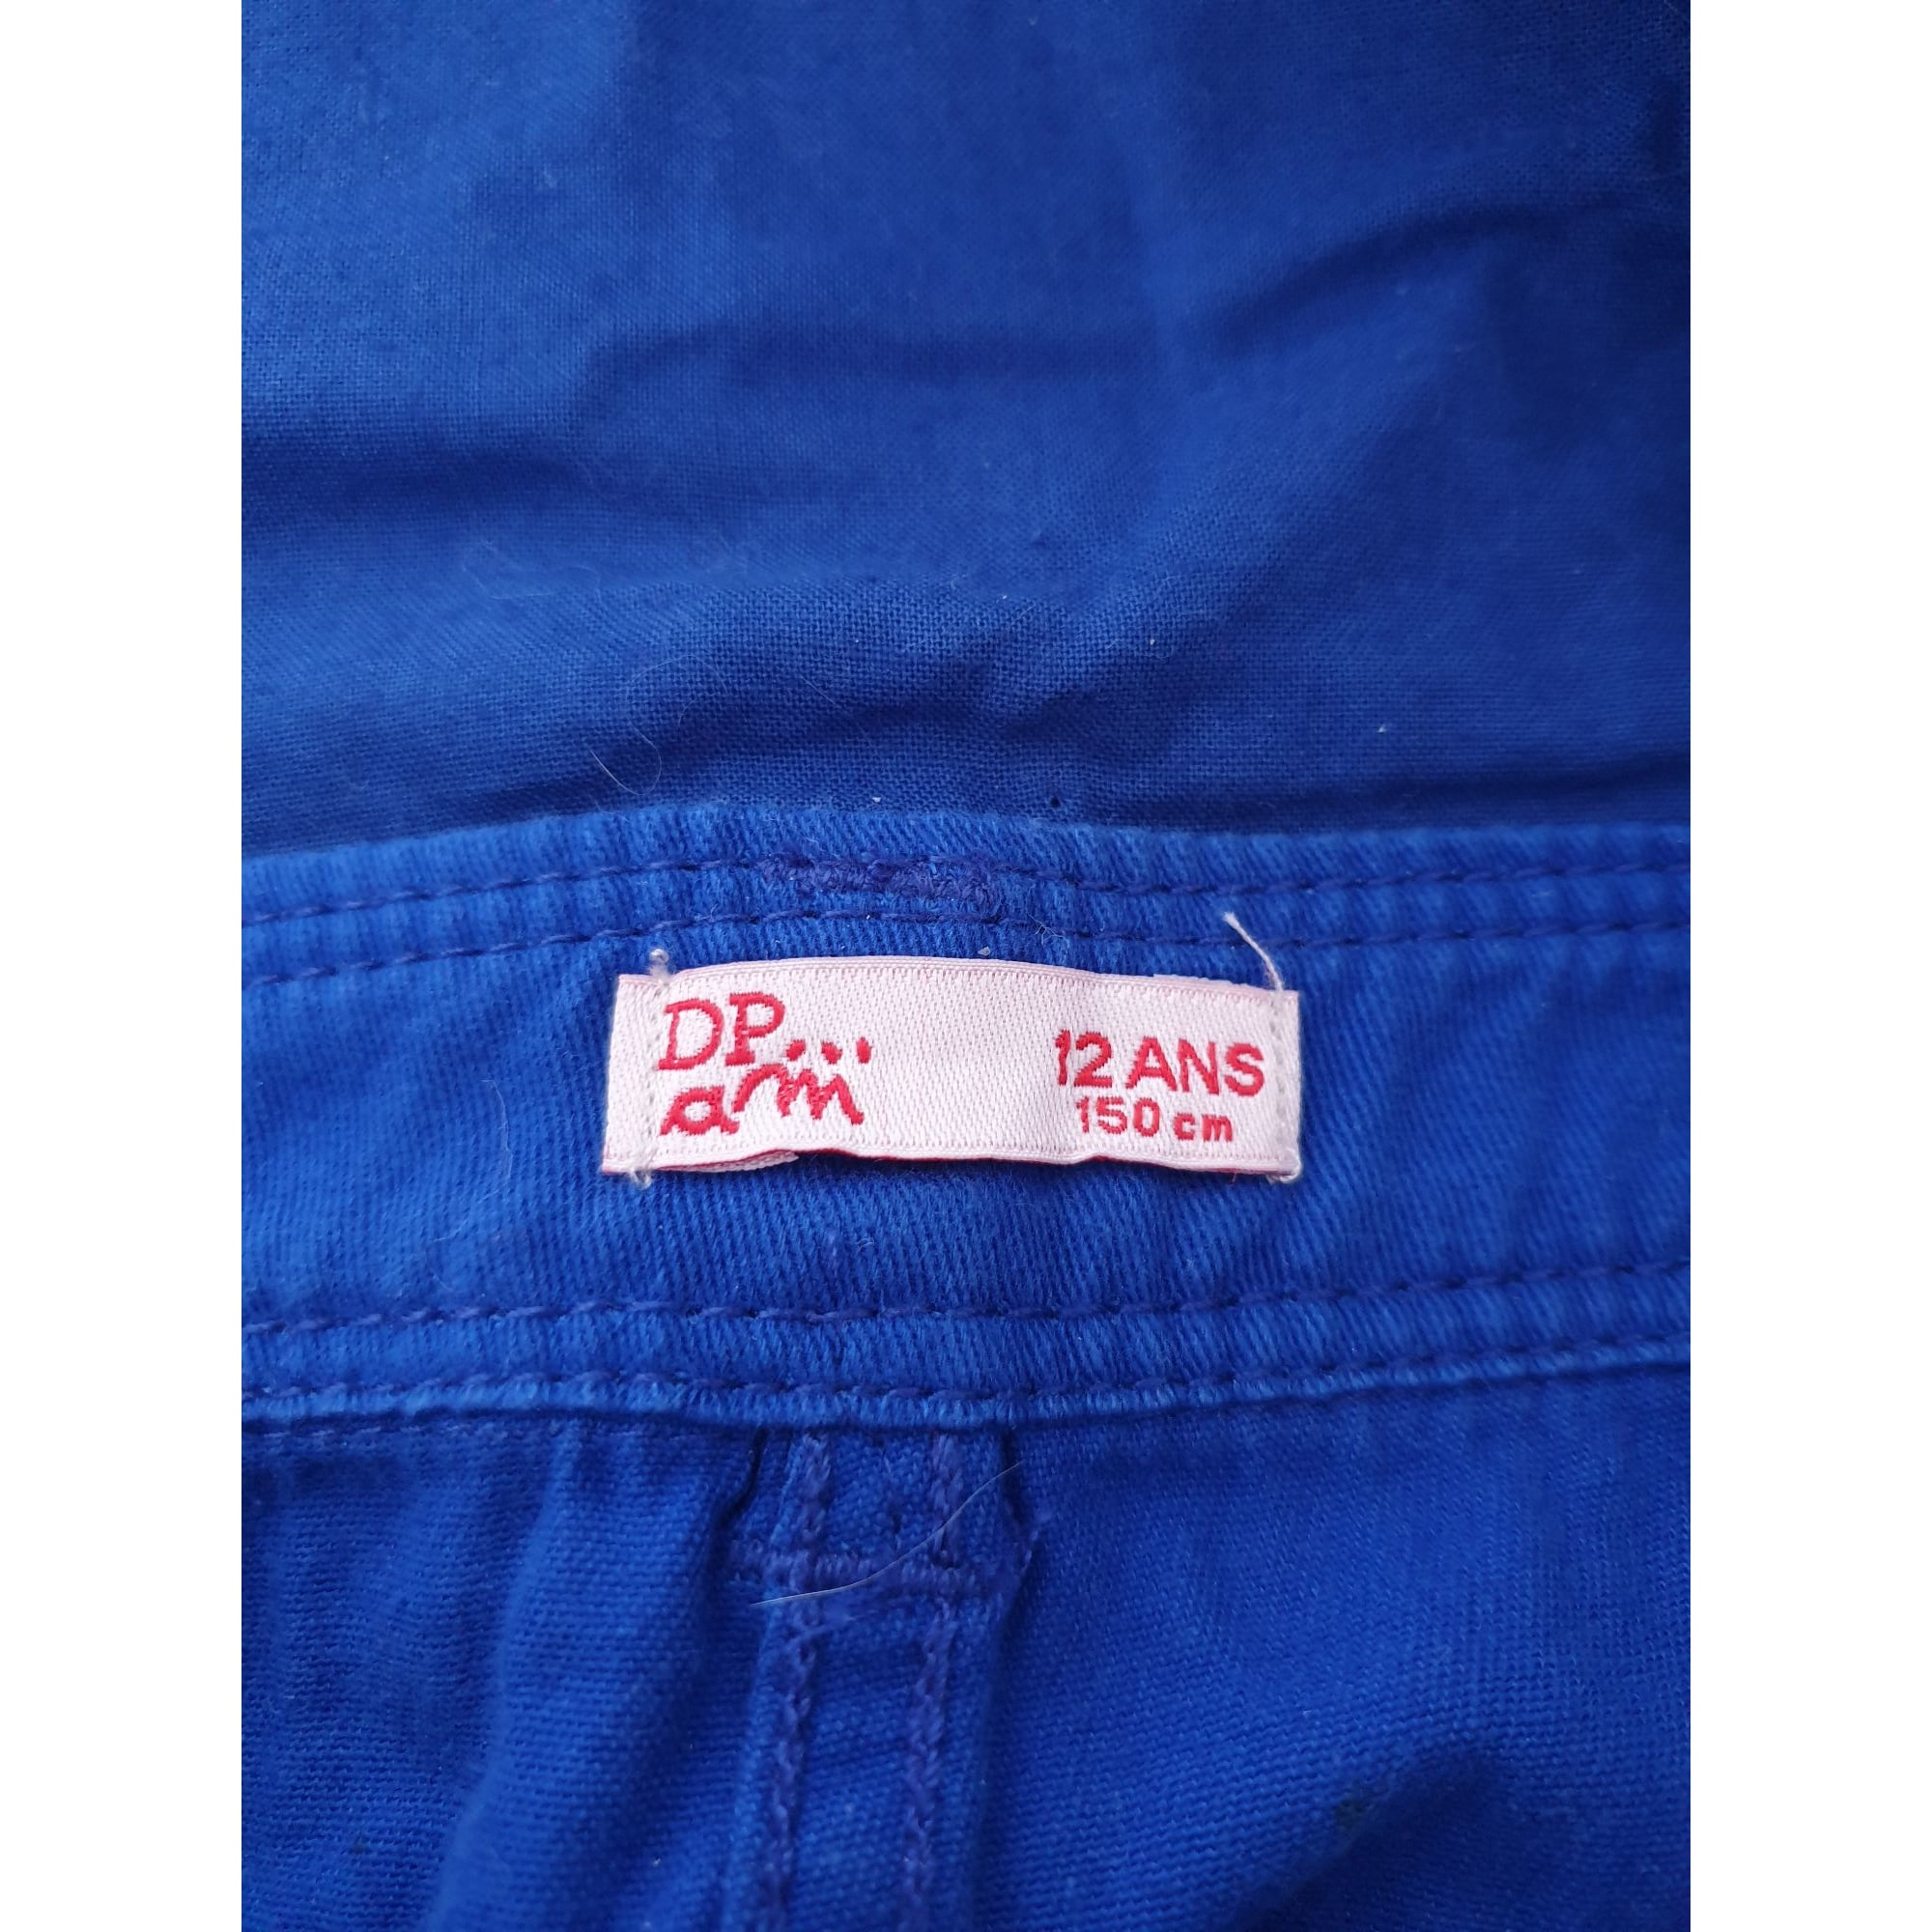 Salopette jupe DU PAREIL AU MÊME DPAM Bleu, bleu marine, bleu turquoise